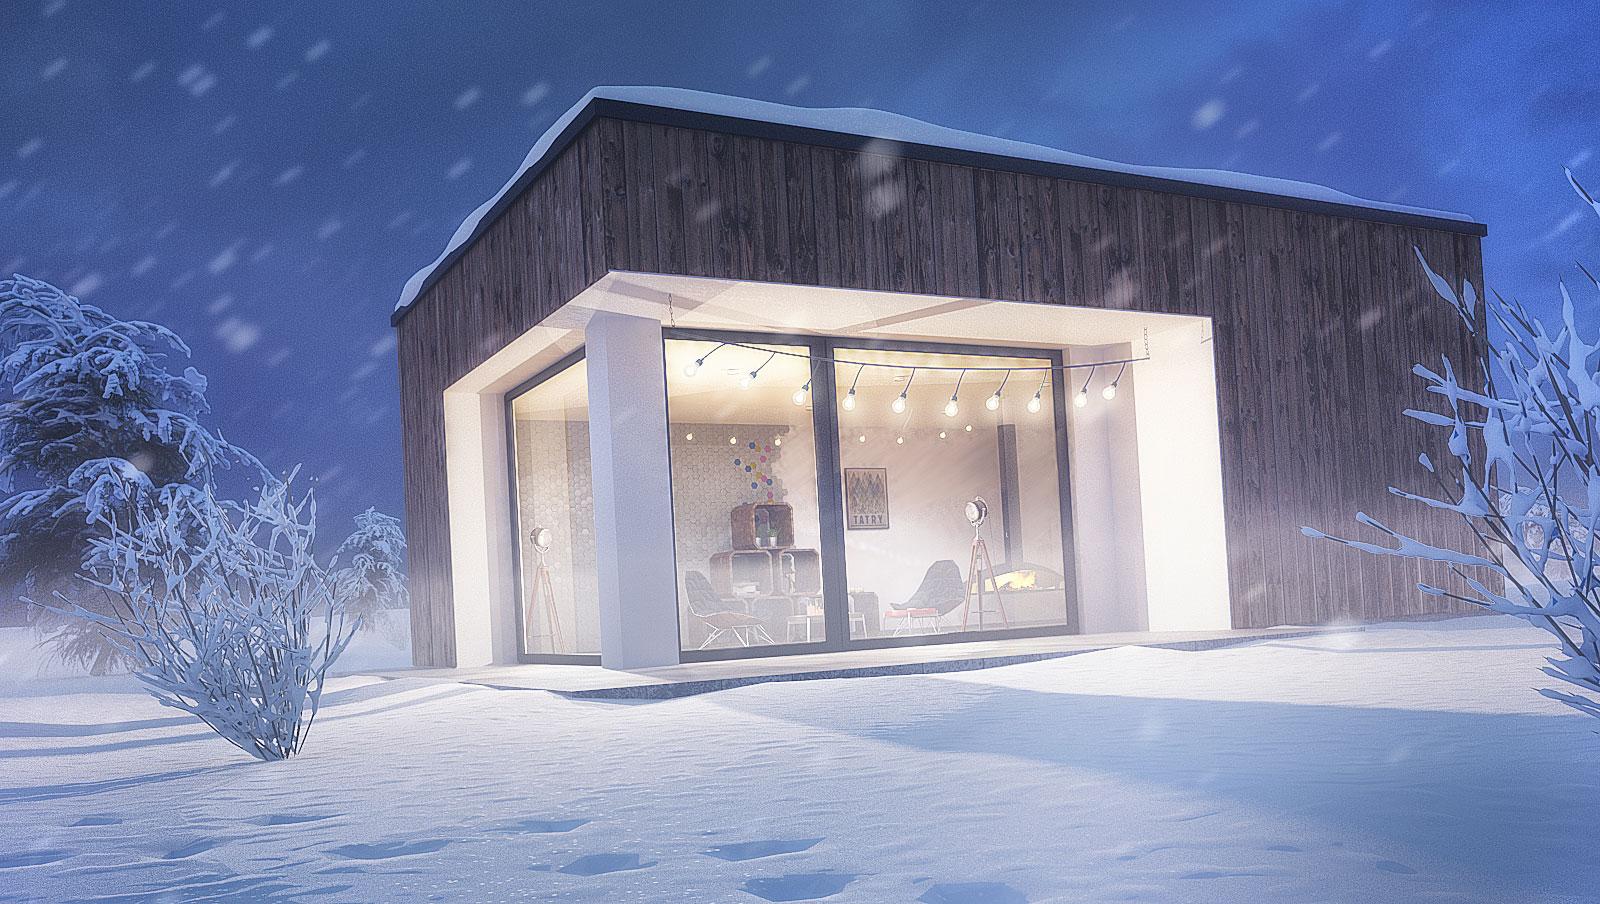 wizualizacja domu zima wieczór